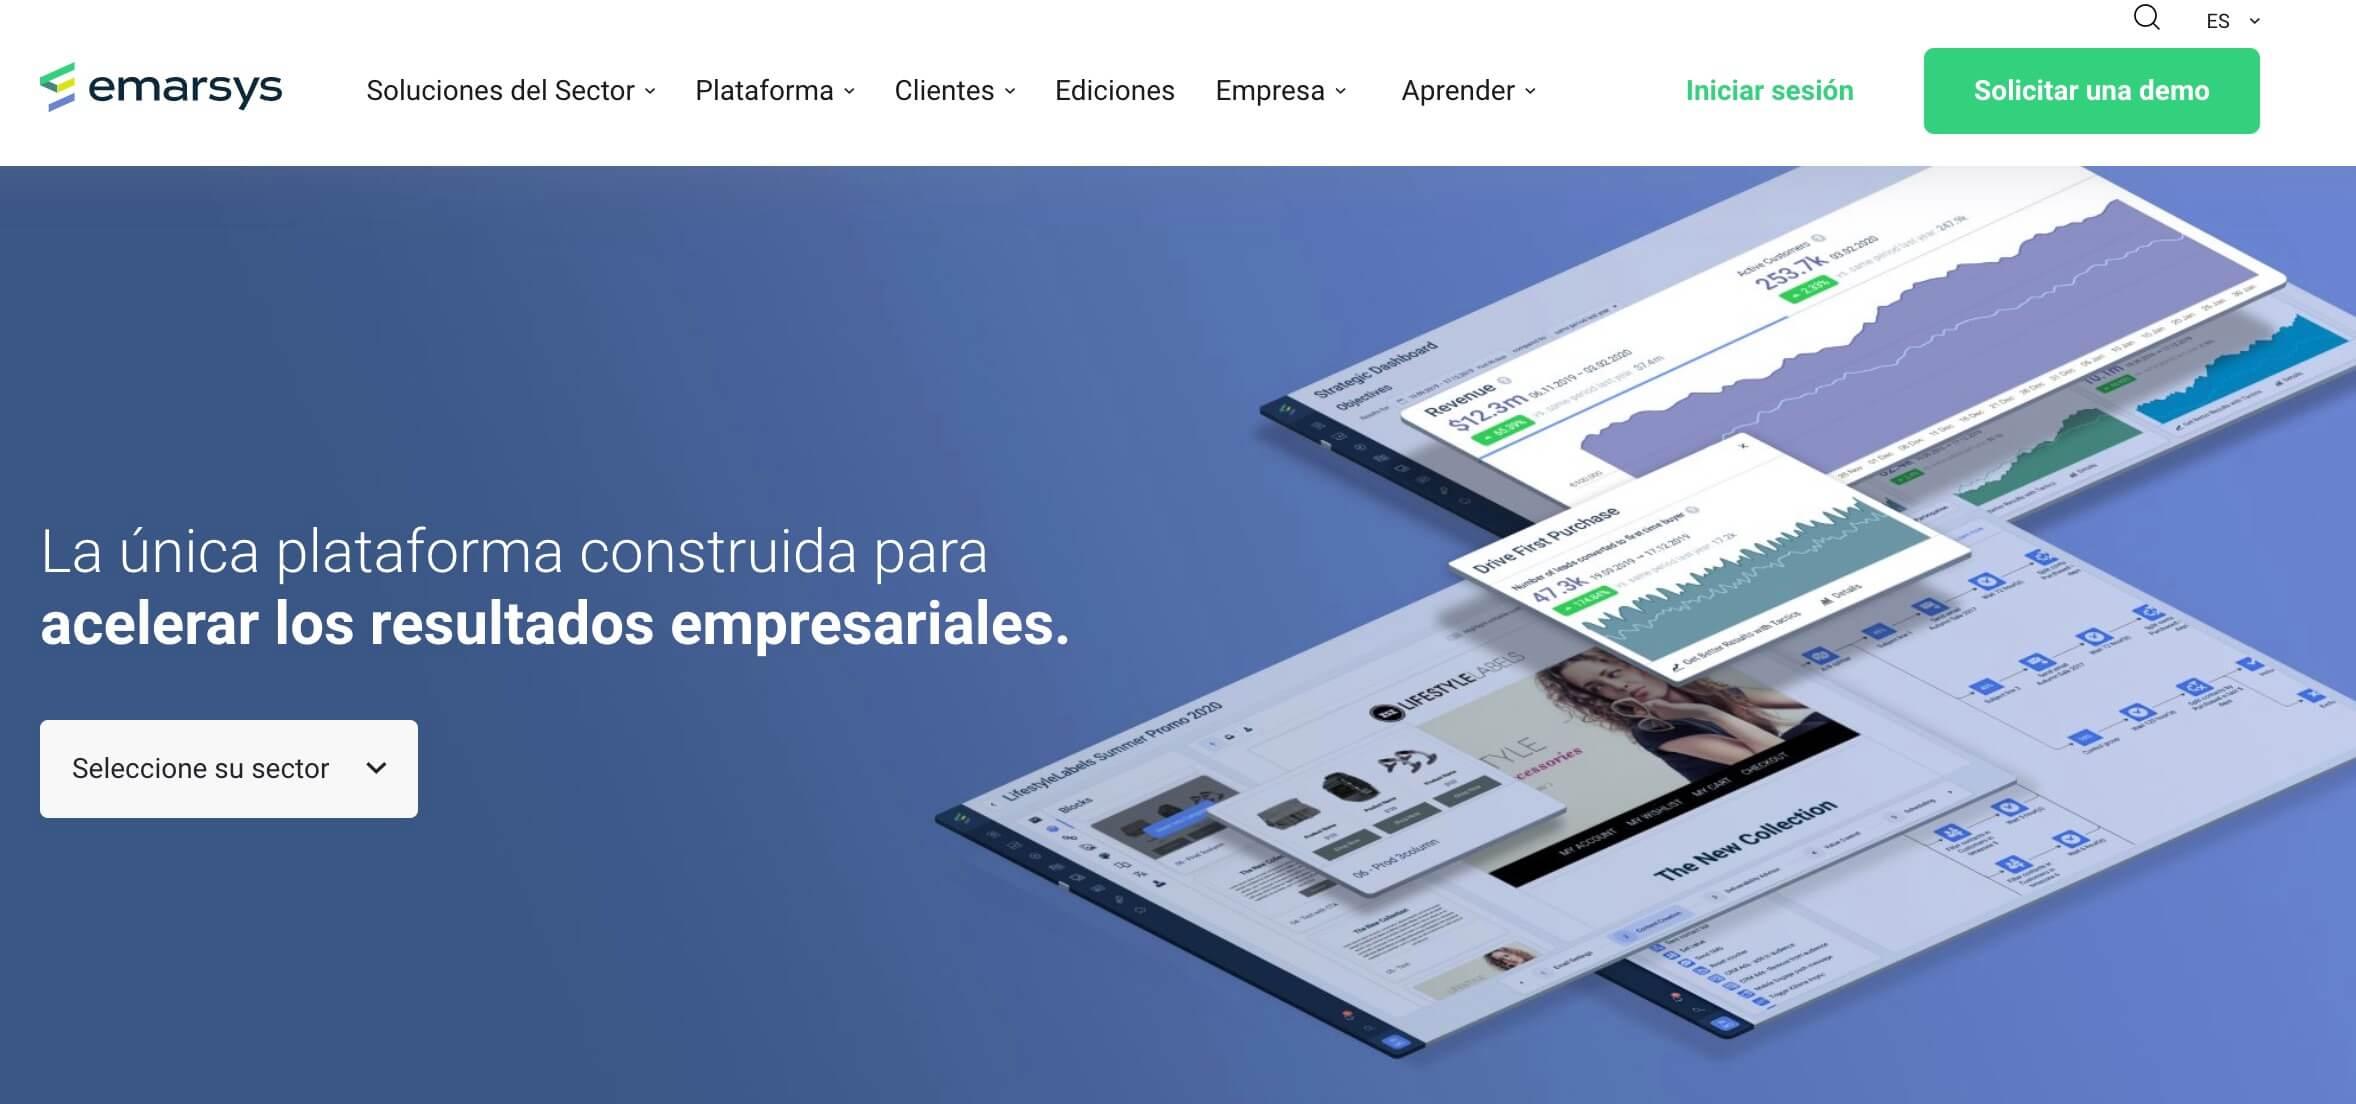 Emarsys, herramienta de gestión de clientes para medir la efectividad de la publicidad digital